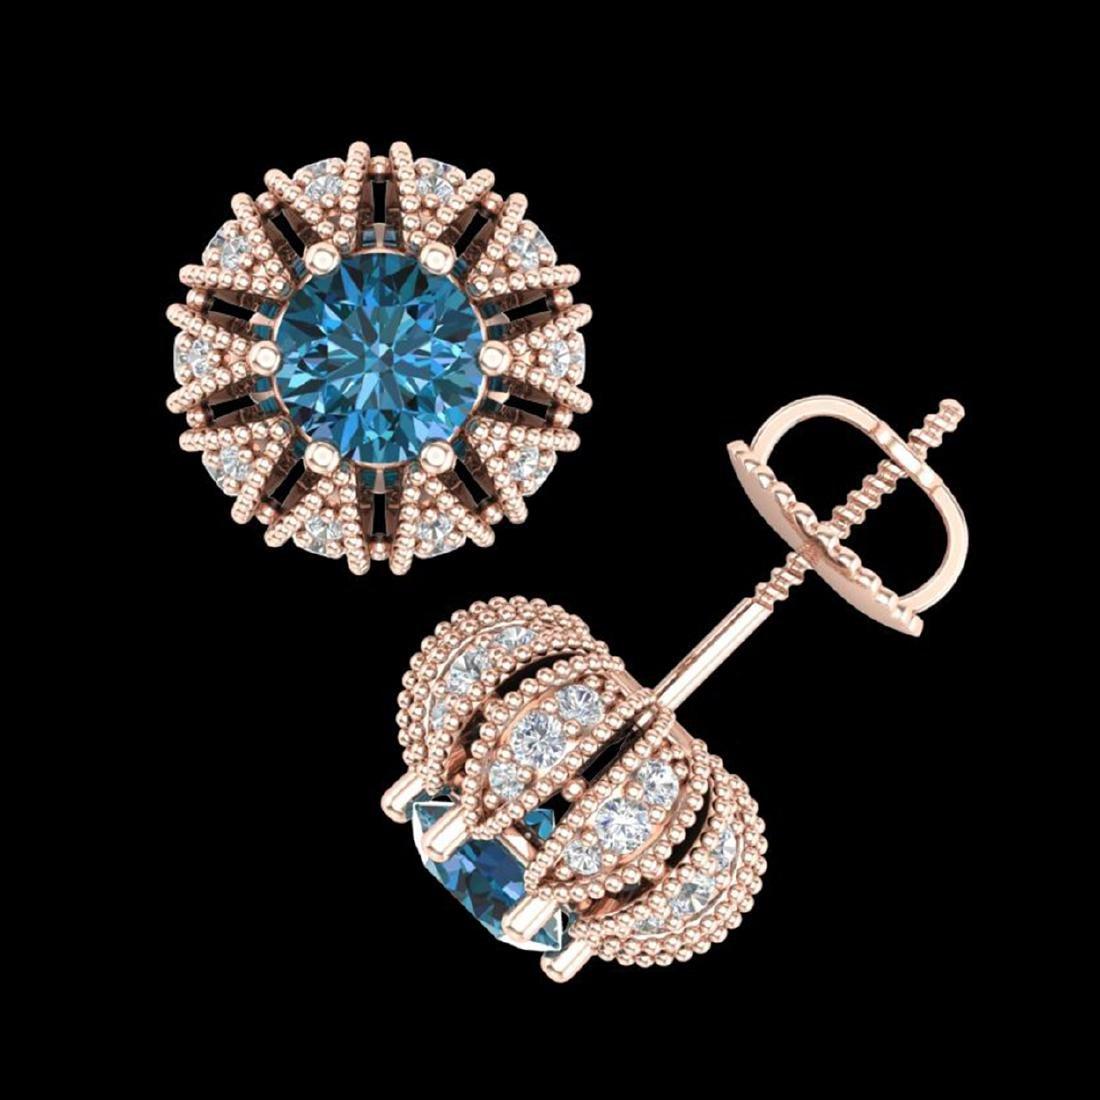 2.01 CTW Fancy Intense Blue Diamond Stud Earrings 18K - 3